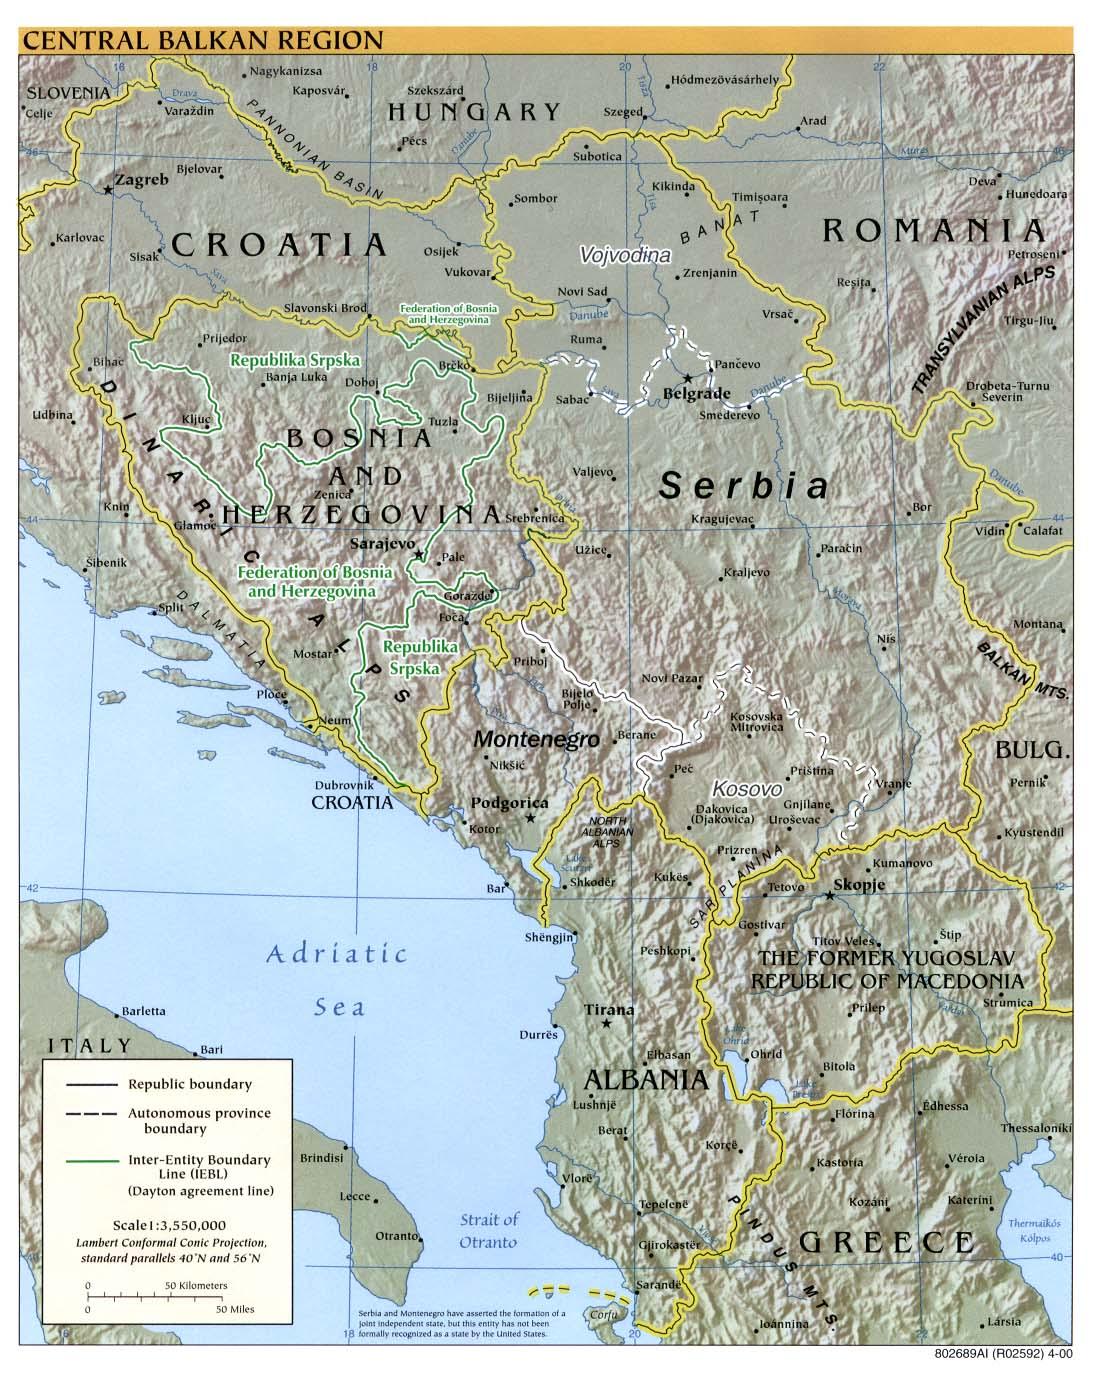 Mapa Físico de los Balcanes Occidental 2000